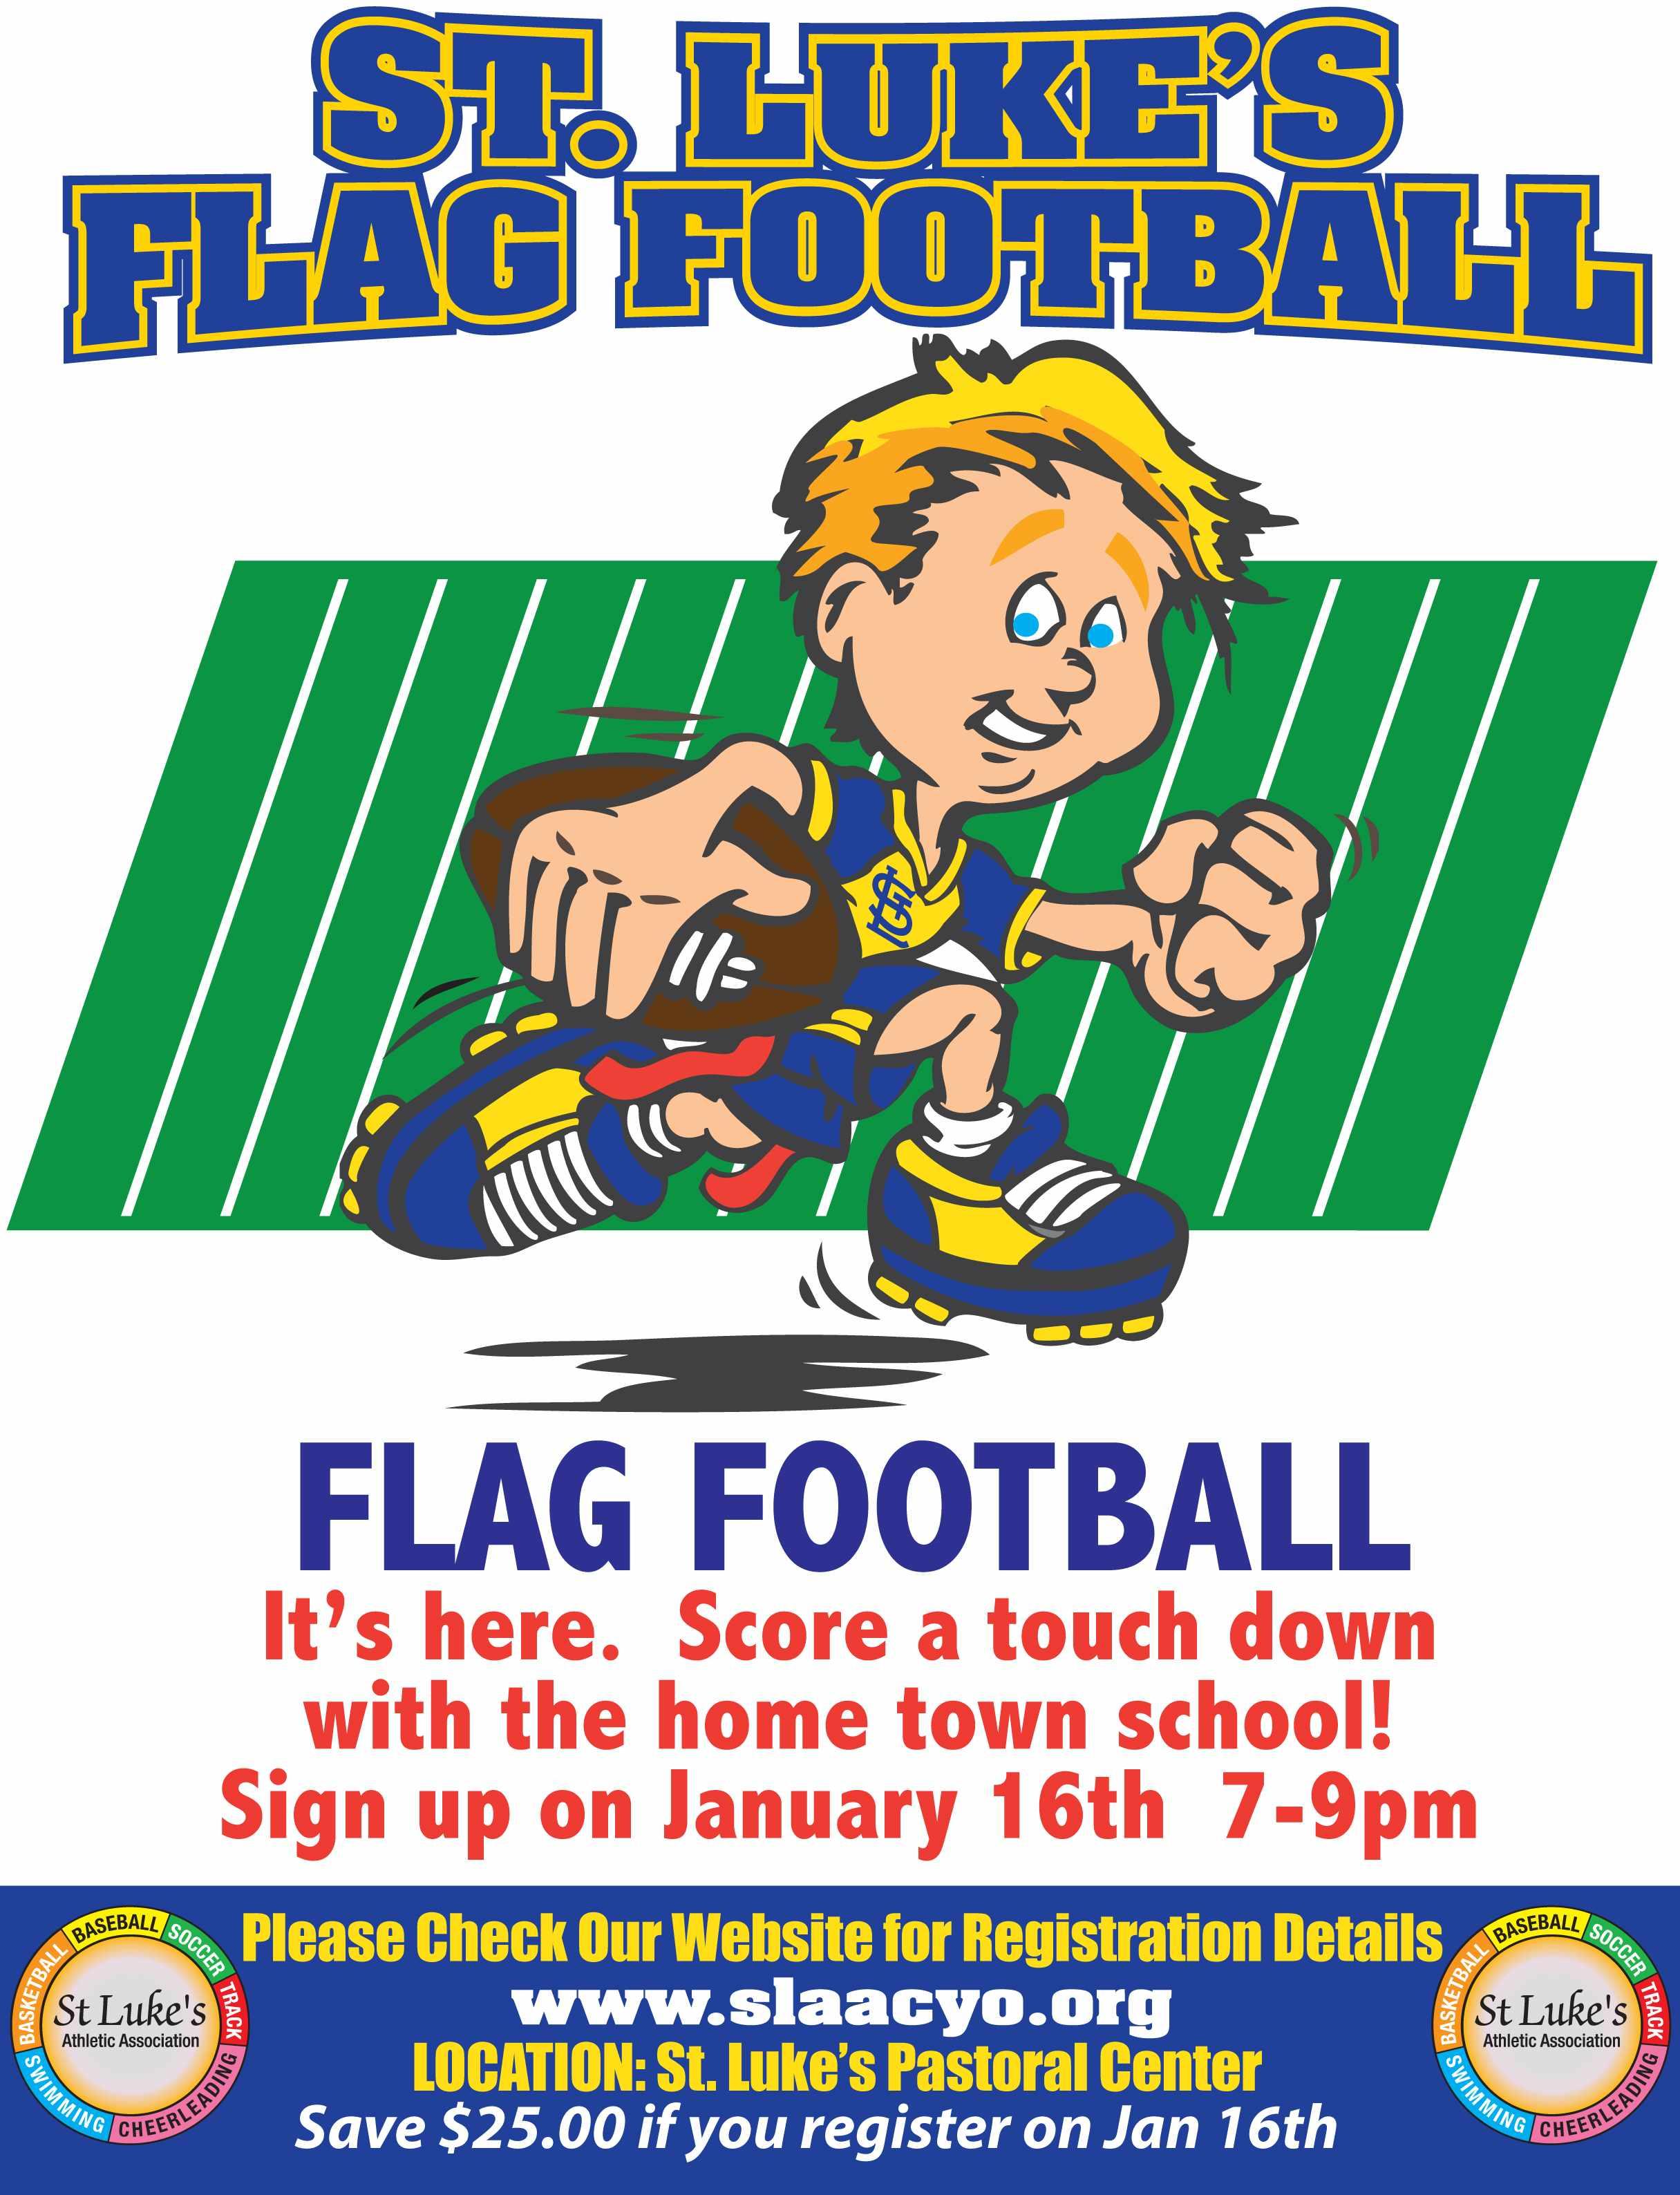 FlagFootball2019c